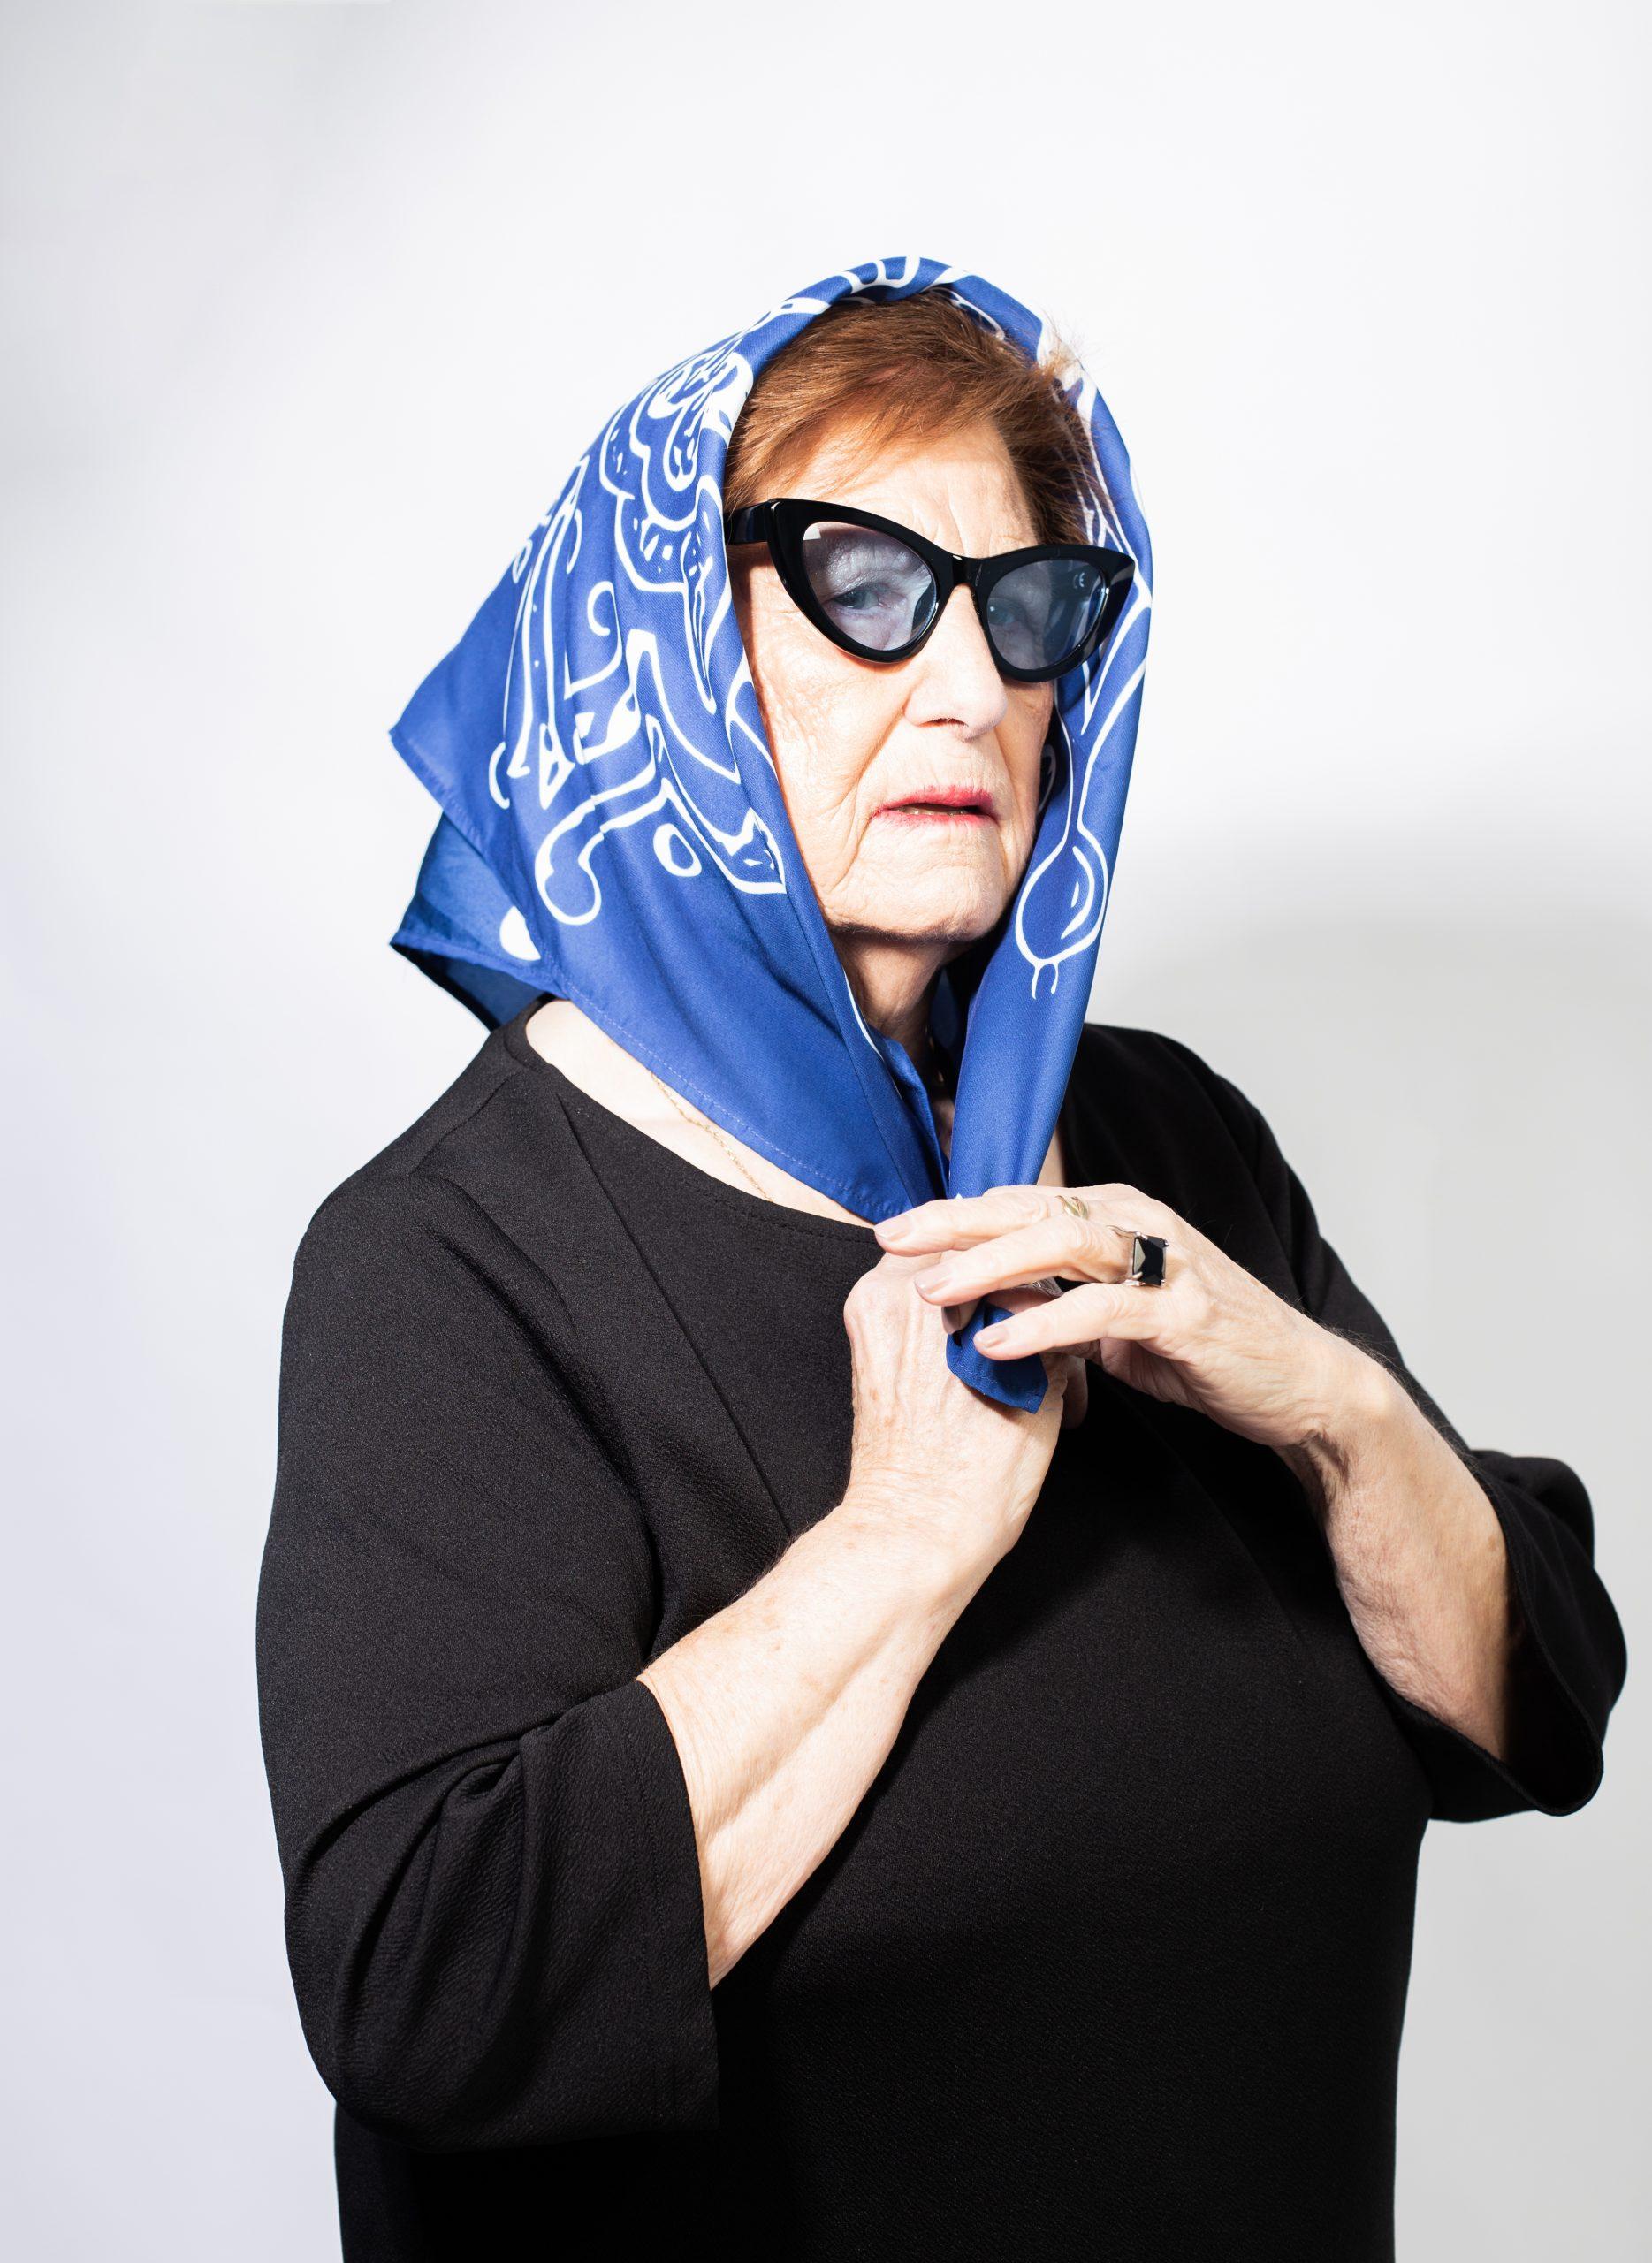 Mánchate con estilo con los pañuelos de Deliah